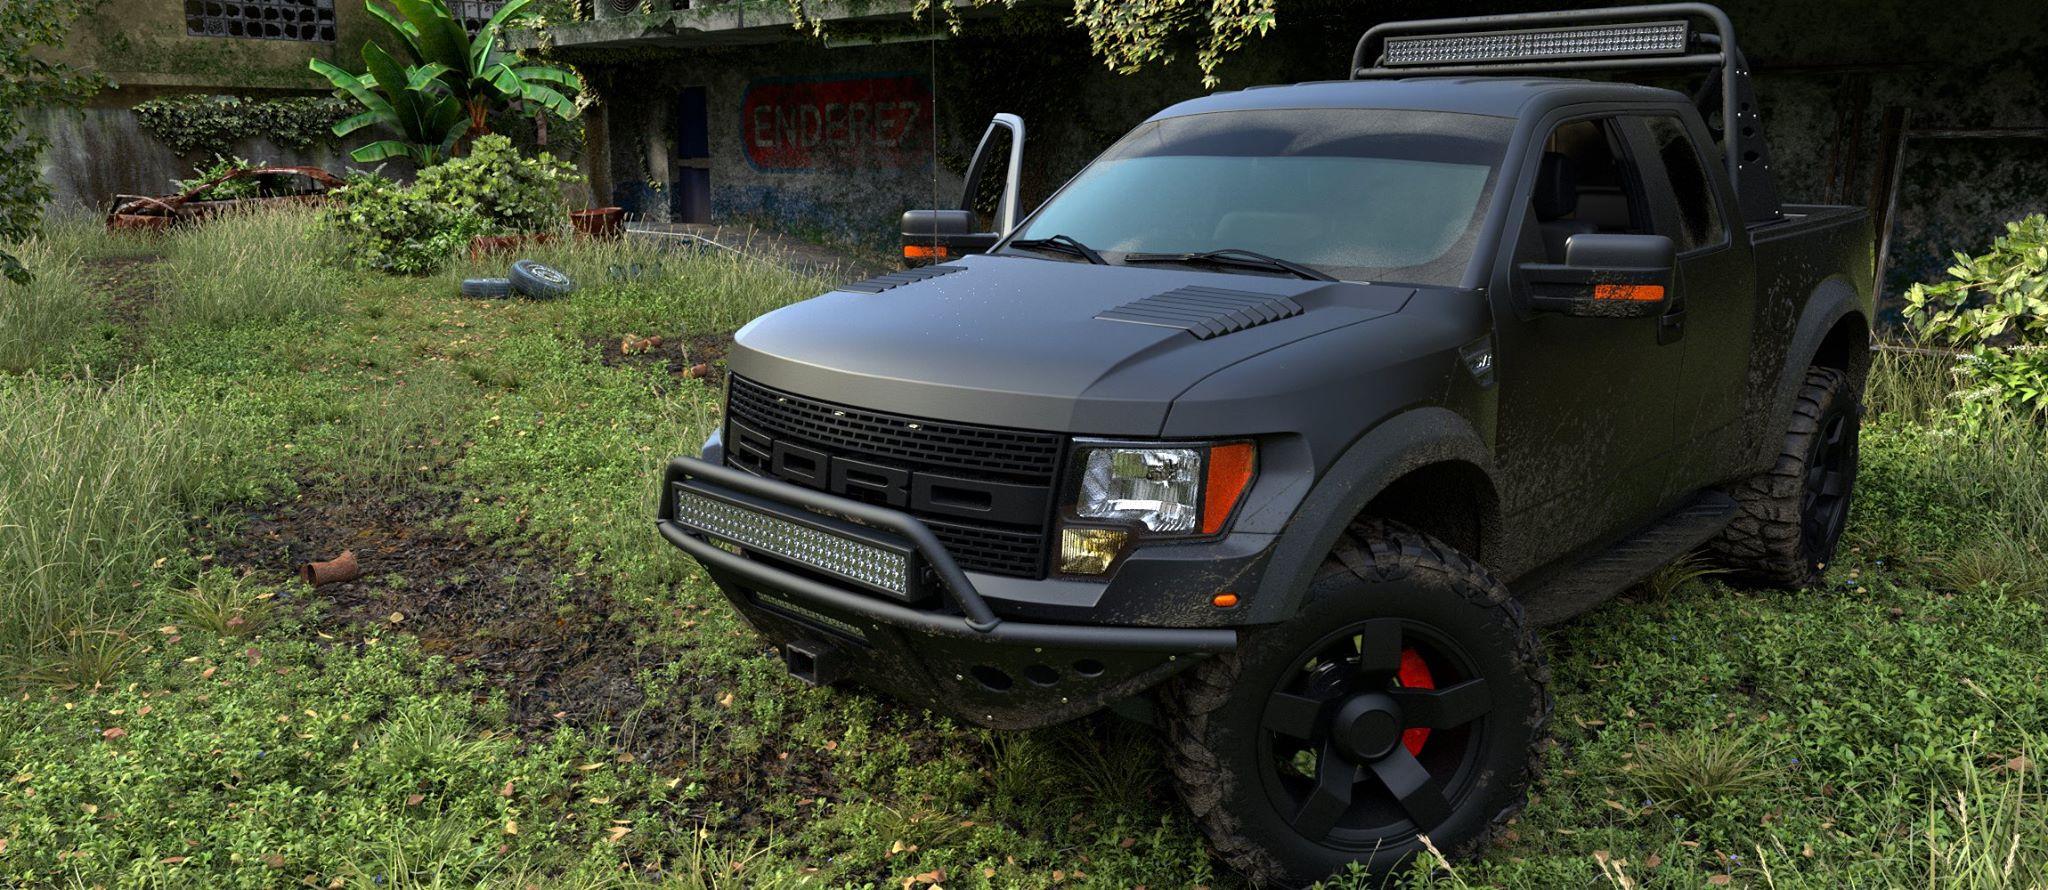 Ford Truck - BlenderNation